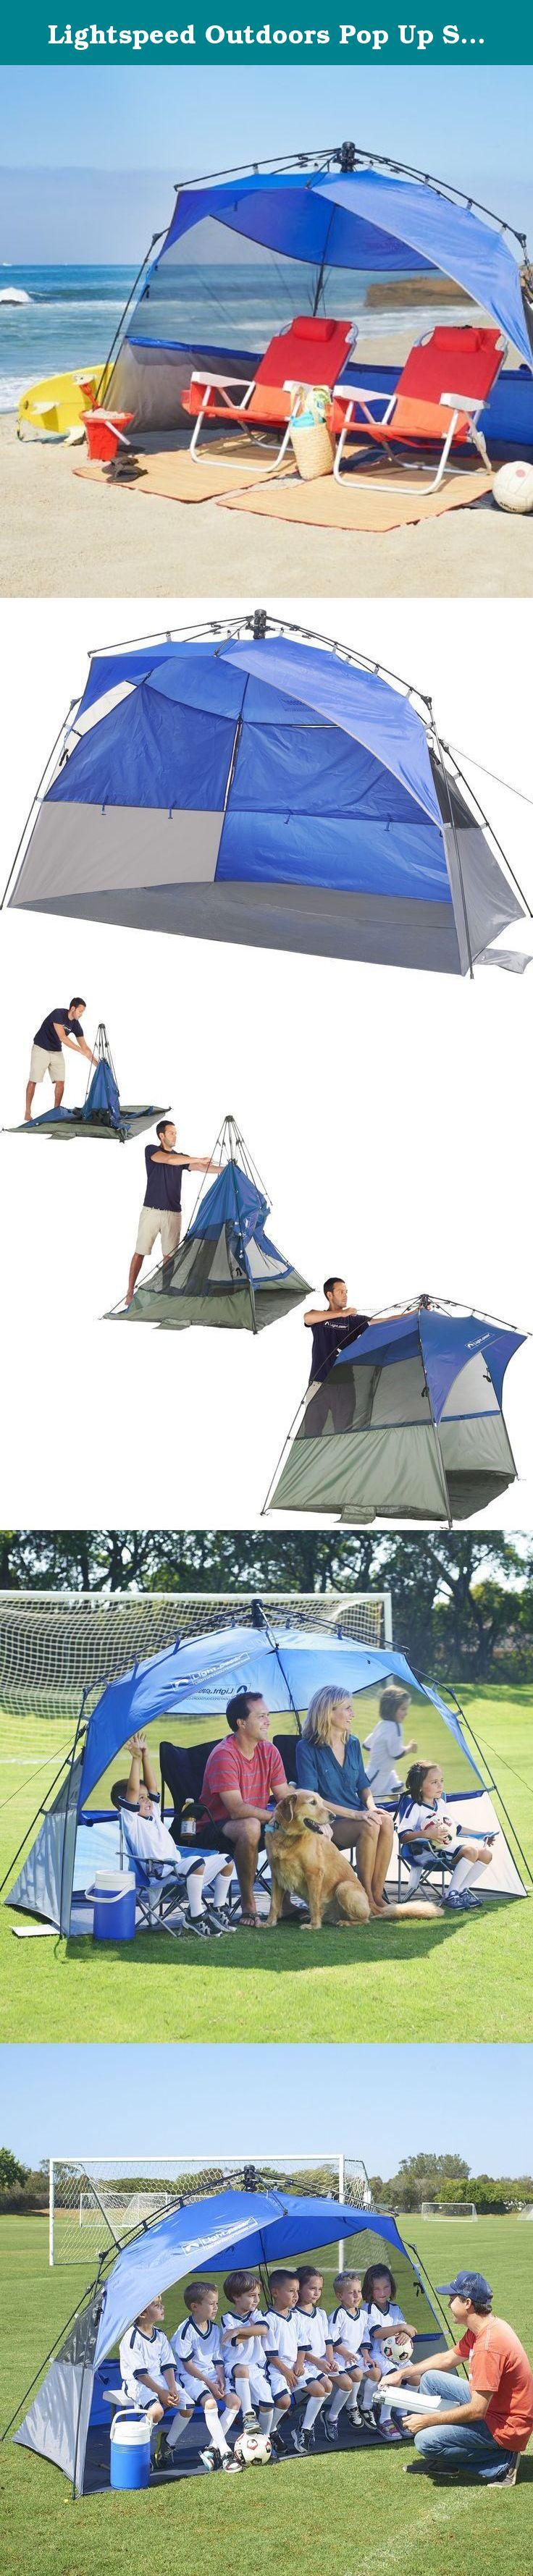 Lightspeed Outdoors Pop Up Sport Shelter Beach Tent The